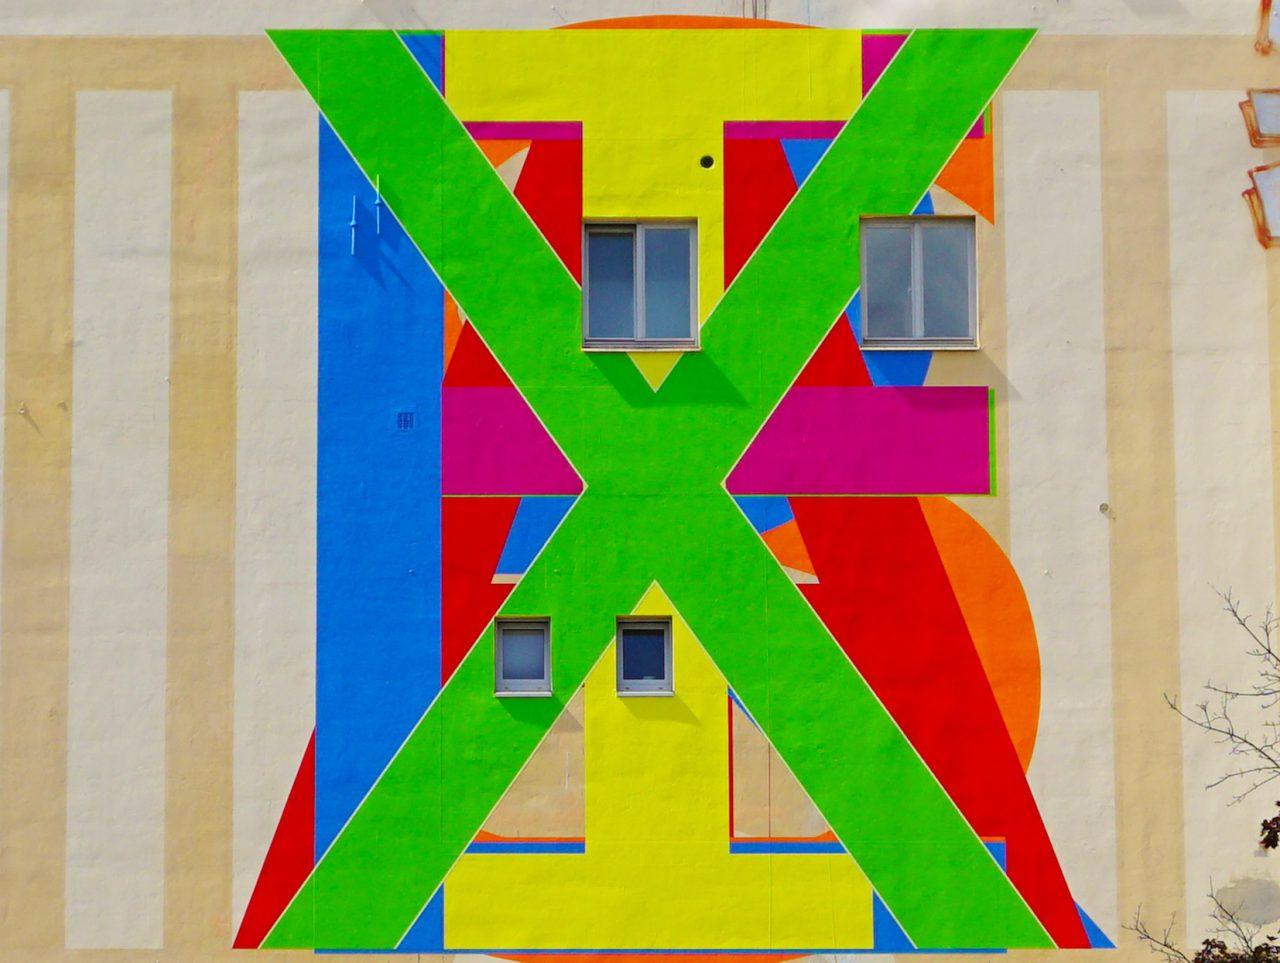 Erez Israeli, Felix Israel, 2014, Firewall Mural at the Künstlerhaus Bethanien, Berlin